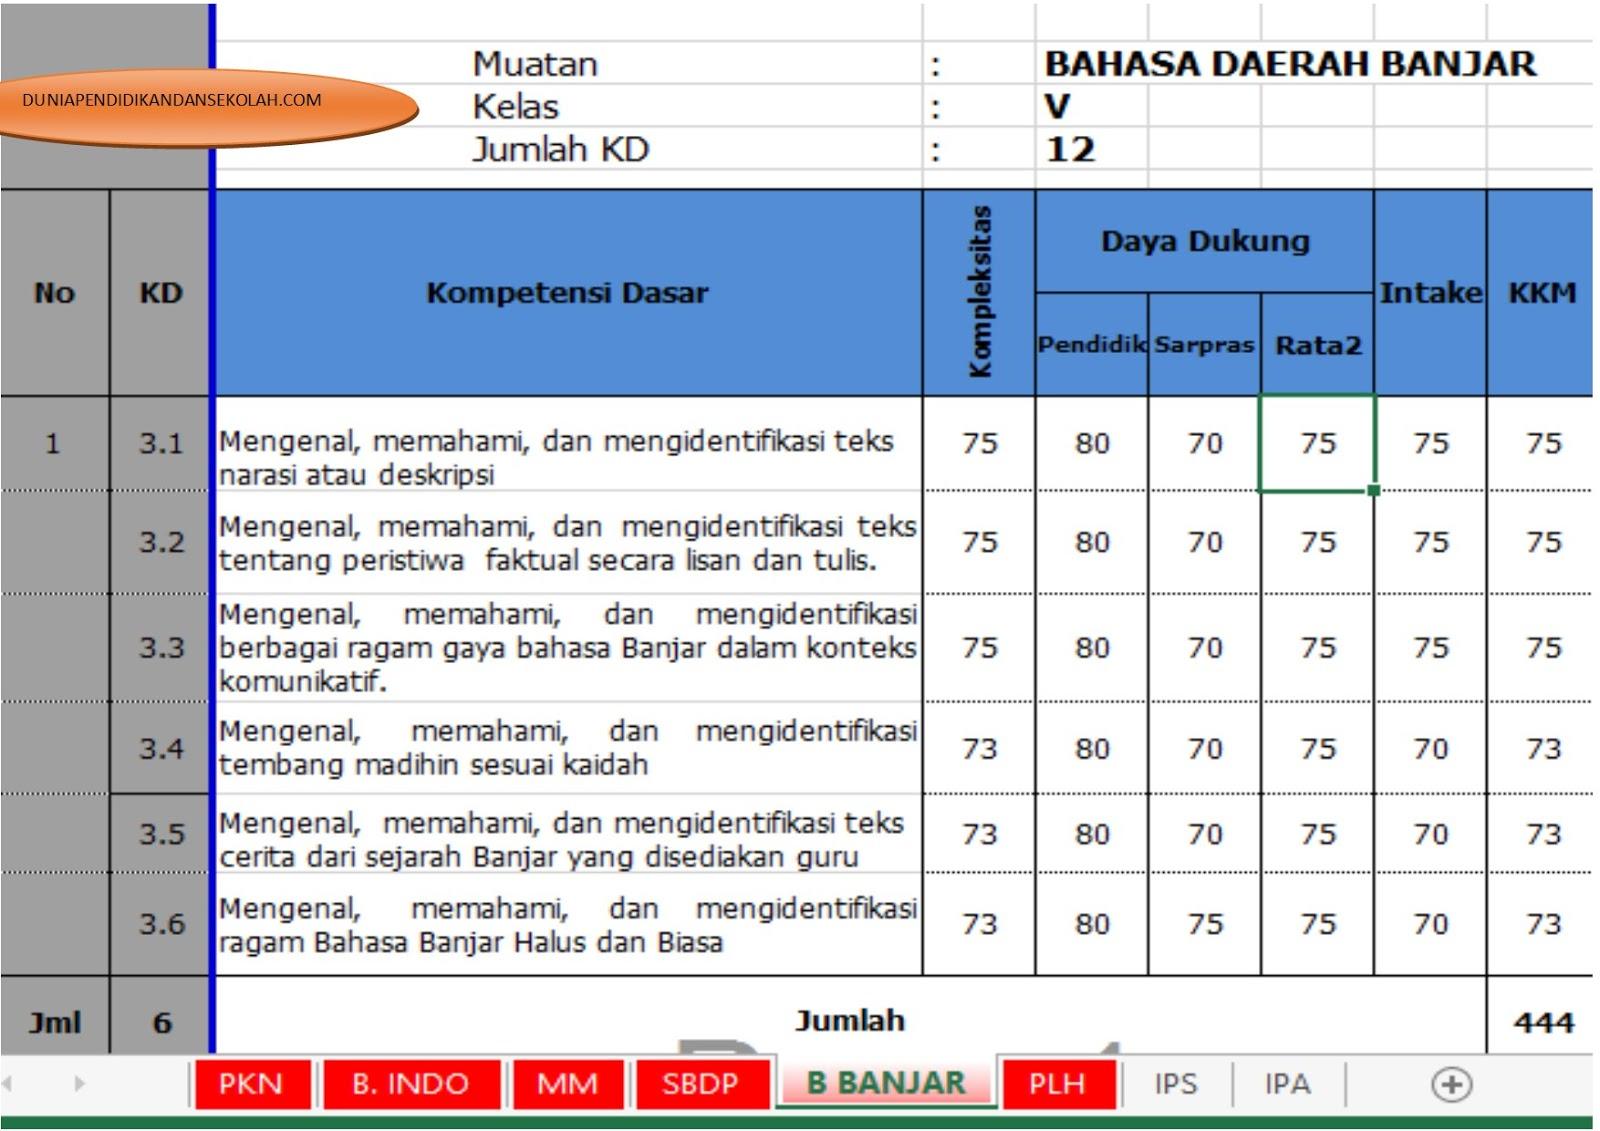 Download Contoh Kkm Untuk Kelas 5 Kurikulum 2013 Sesuai Revisi 2017 Dunia Pendidikan